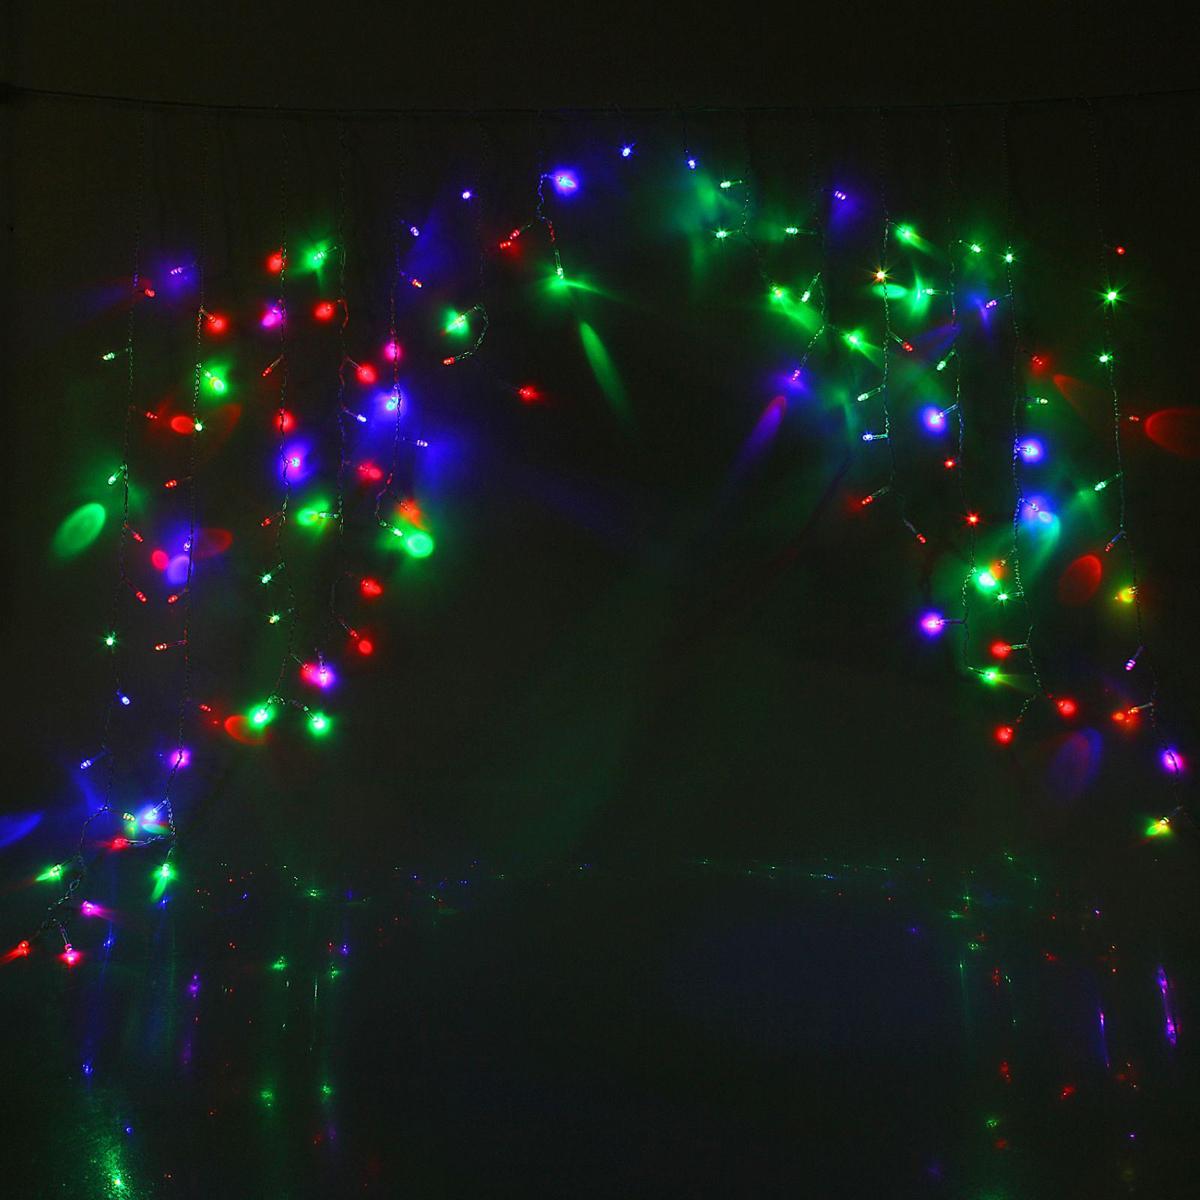 Гирлянда светодиодная Luazon Бахрома. Арка, моргает, 126 ламп, 220 V, цвет: мультиколор, 1 х 1 м. 1080436 гирлянда luazon дождь 2m 6m multicolor 671678